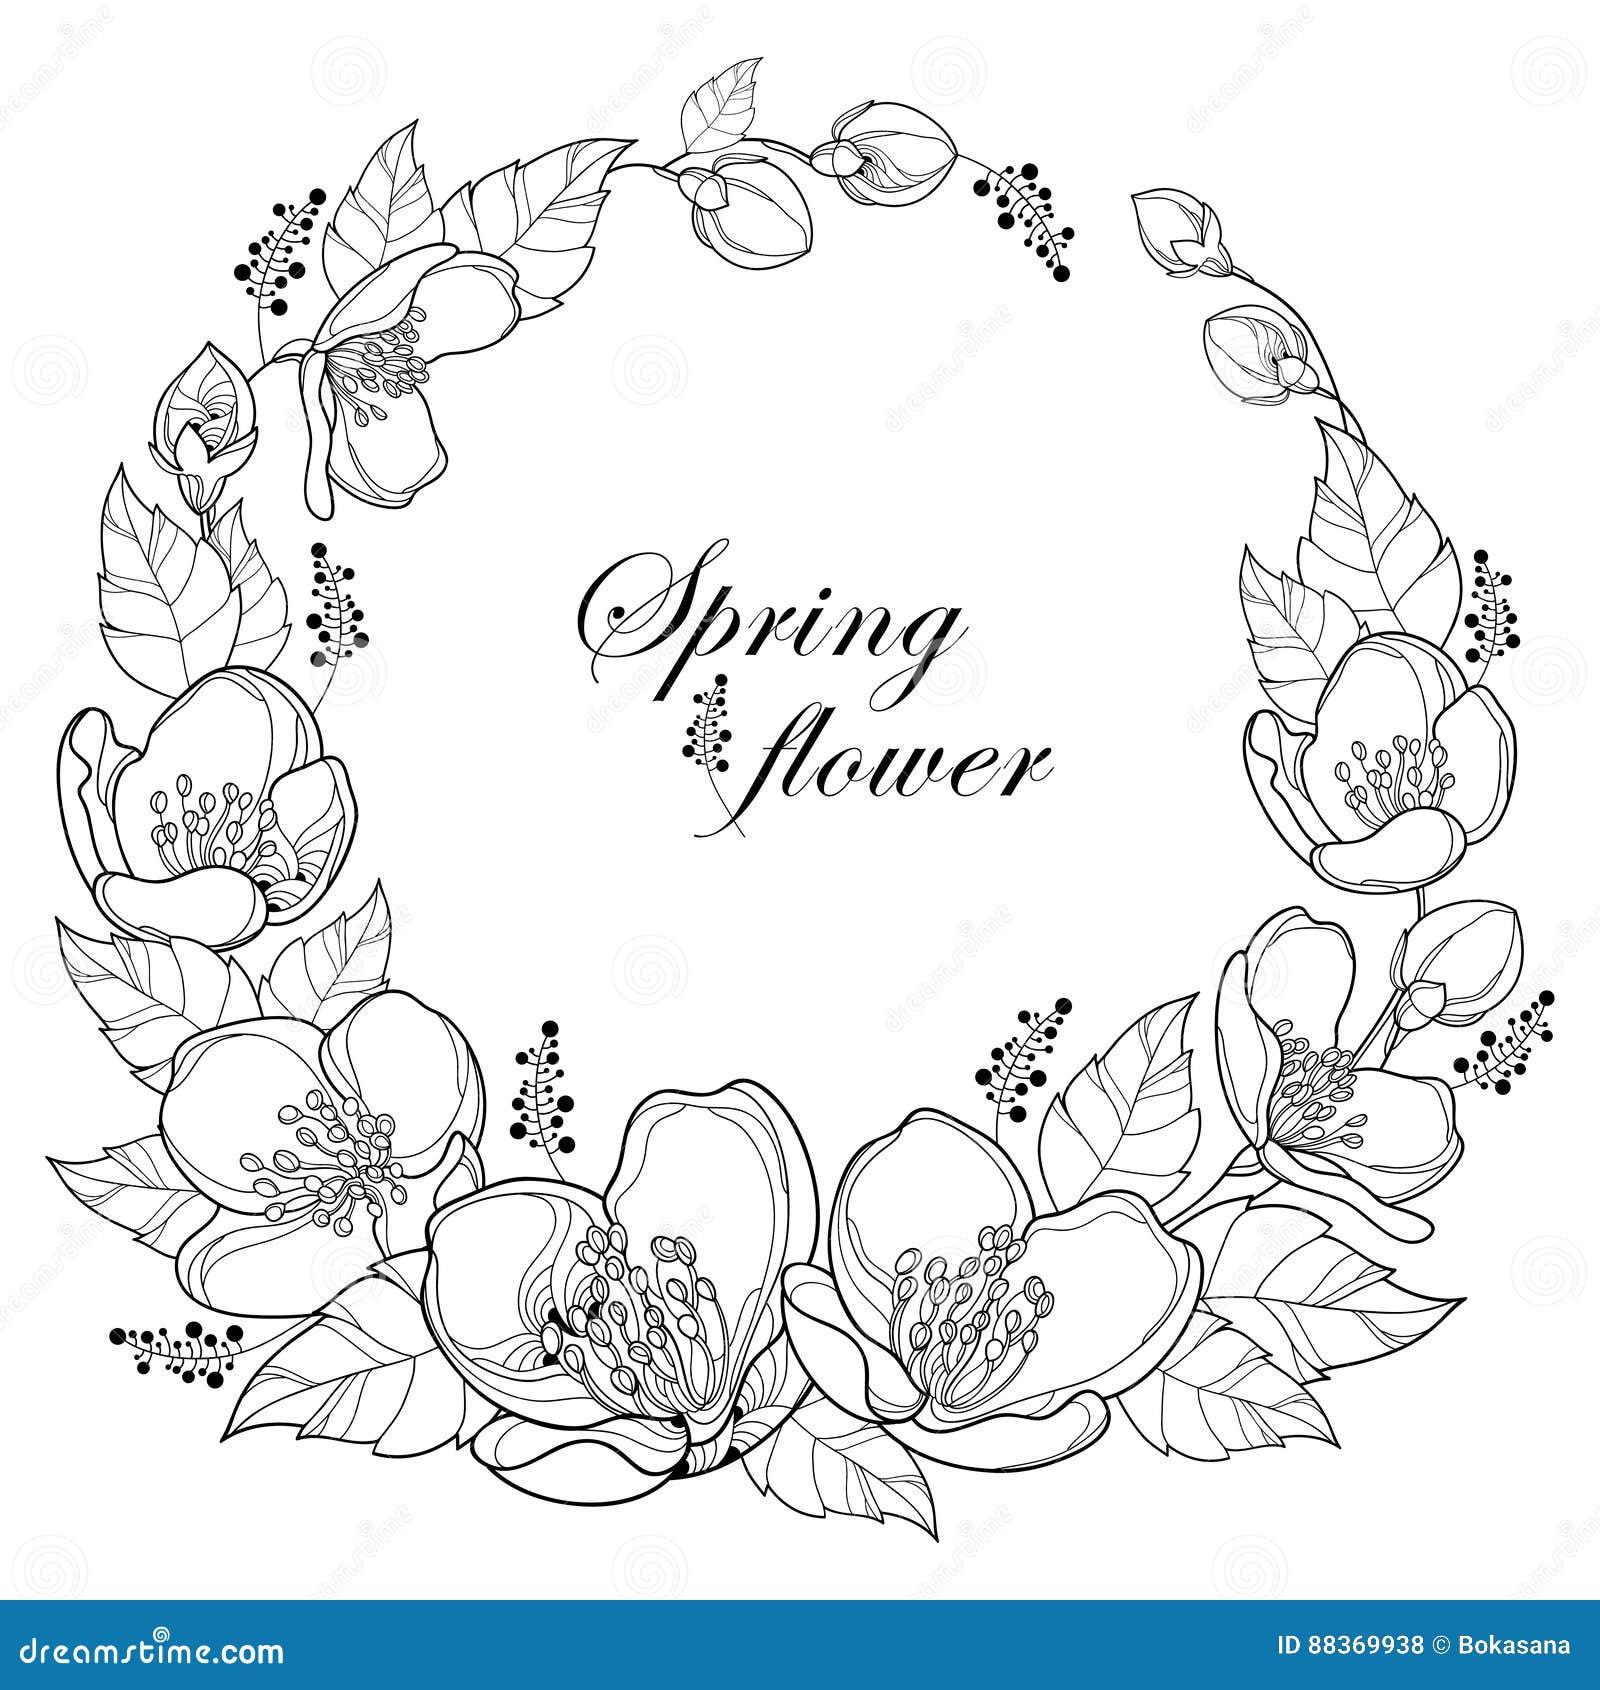 Coloriage Guirlande Fleurs.Dirigez Autour De La Guirlande Avec Les Fleurs Le Bourgeon